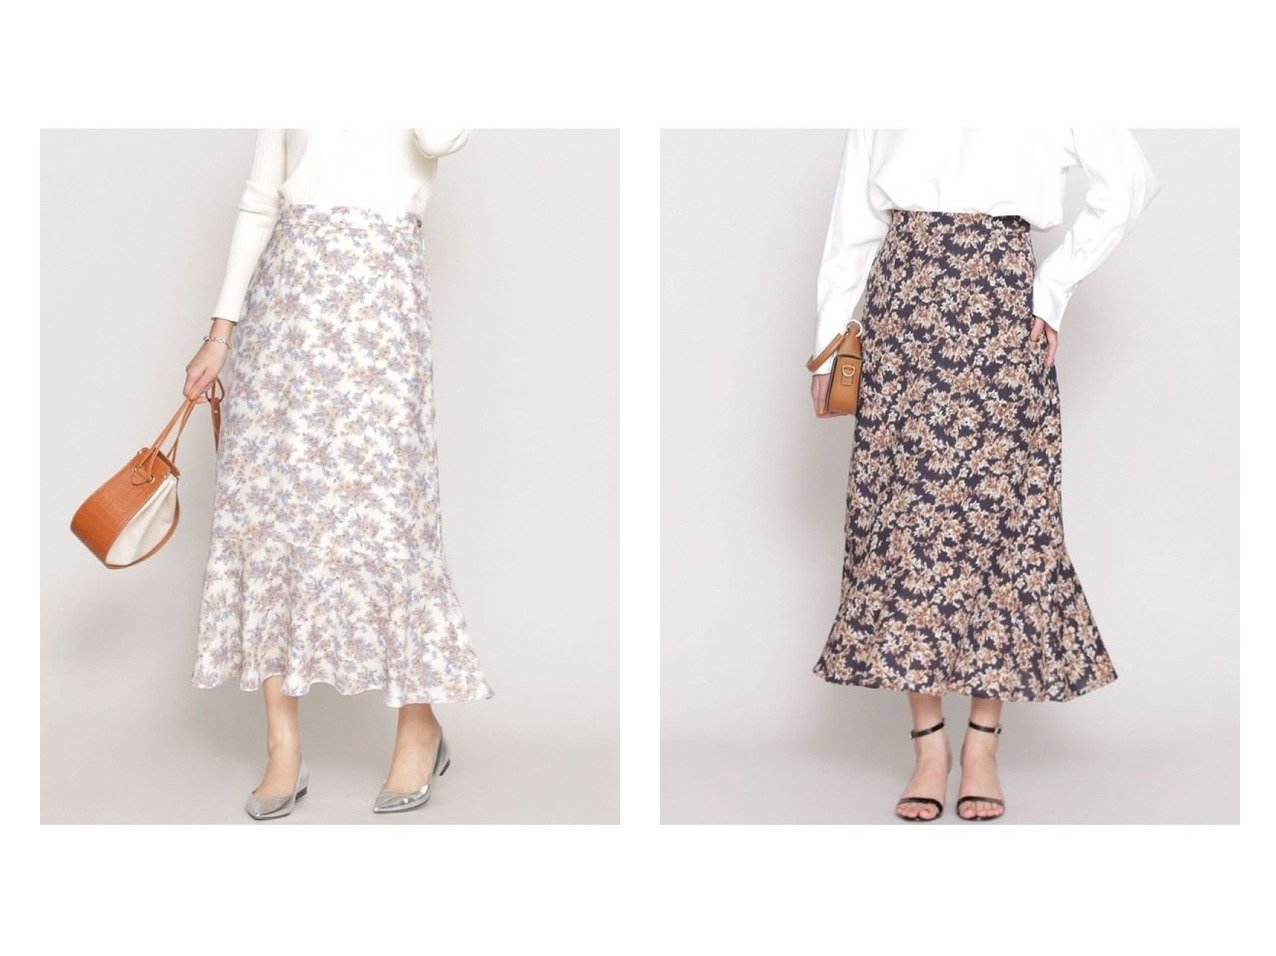 【nano universe/ナノ ユニバース】のシャギーフラワースカート スカートのおすすめ!人気、トレンド・レディースファッションの通販 おすすめで人気の流行・トレンド、ファッションの通販商品 メンズファッション・キッズファッション・インテリア・家具・レディースファッション・服の通販 founy(ファニー) https://founy.com/ ファッション Fashion レディースファッション WOMEN スカート Skirt ウォッシャブル 春 Spring シューズ シンプル 長袖 フラット フラワー フレア プリント NEW・新作・新着・新入荷 New Arrivals おすすめ Recommend |ID:crp329100000023883